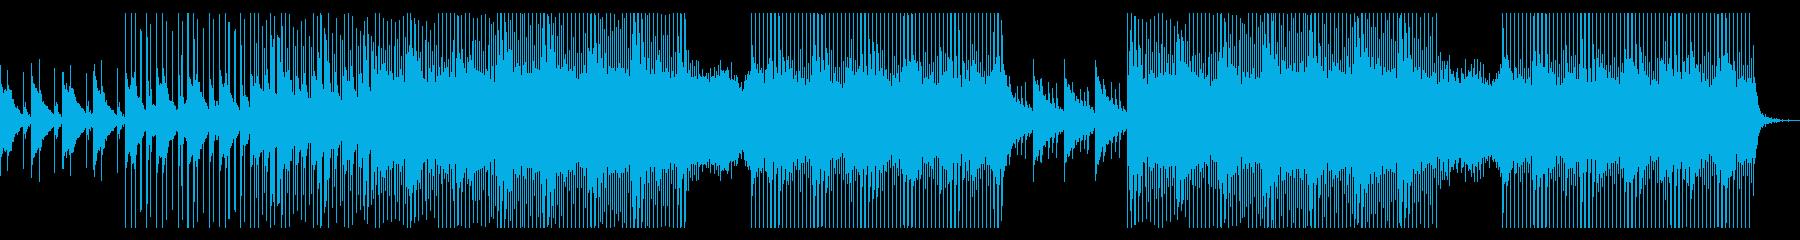 湖から波紋が広がるような自然なエレクトロの再生済みの波形